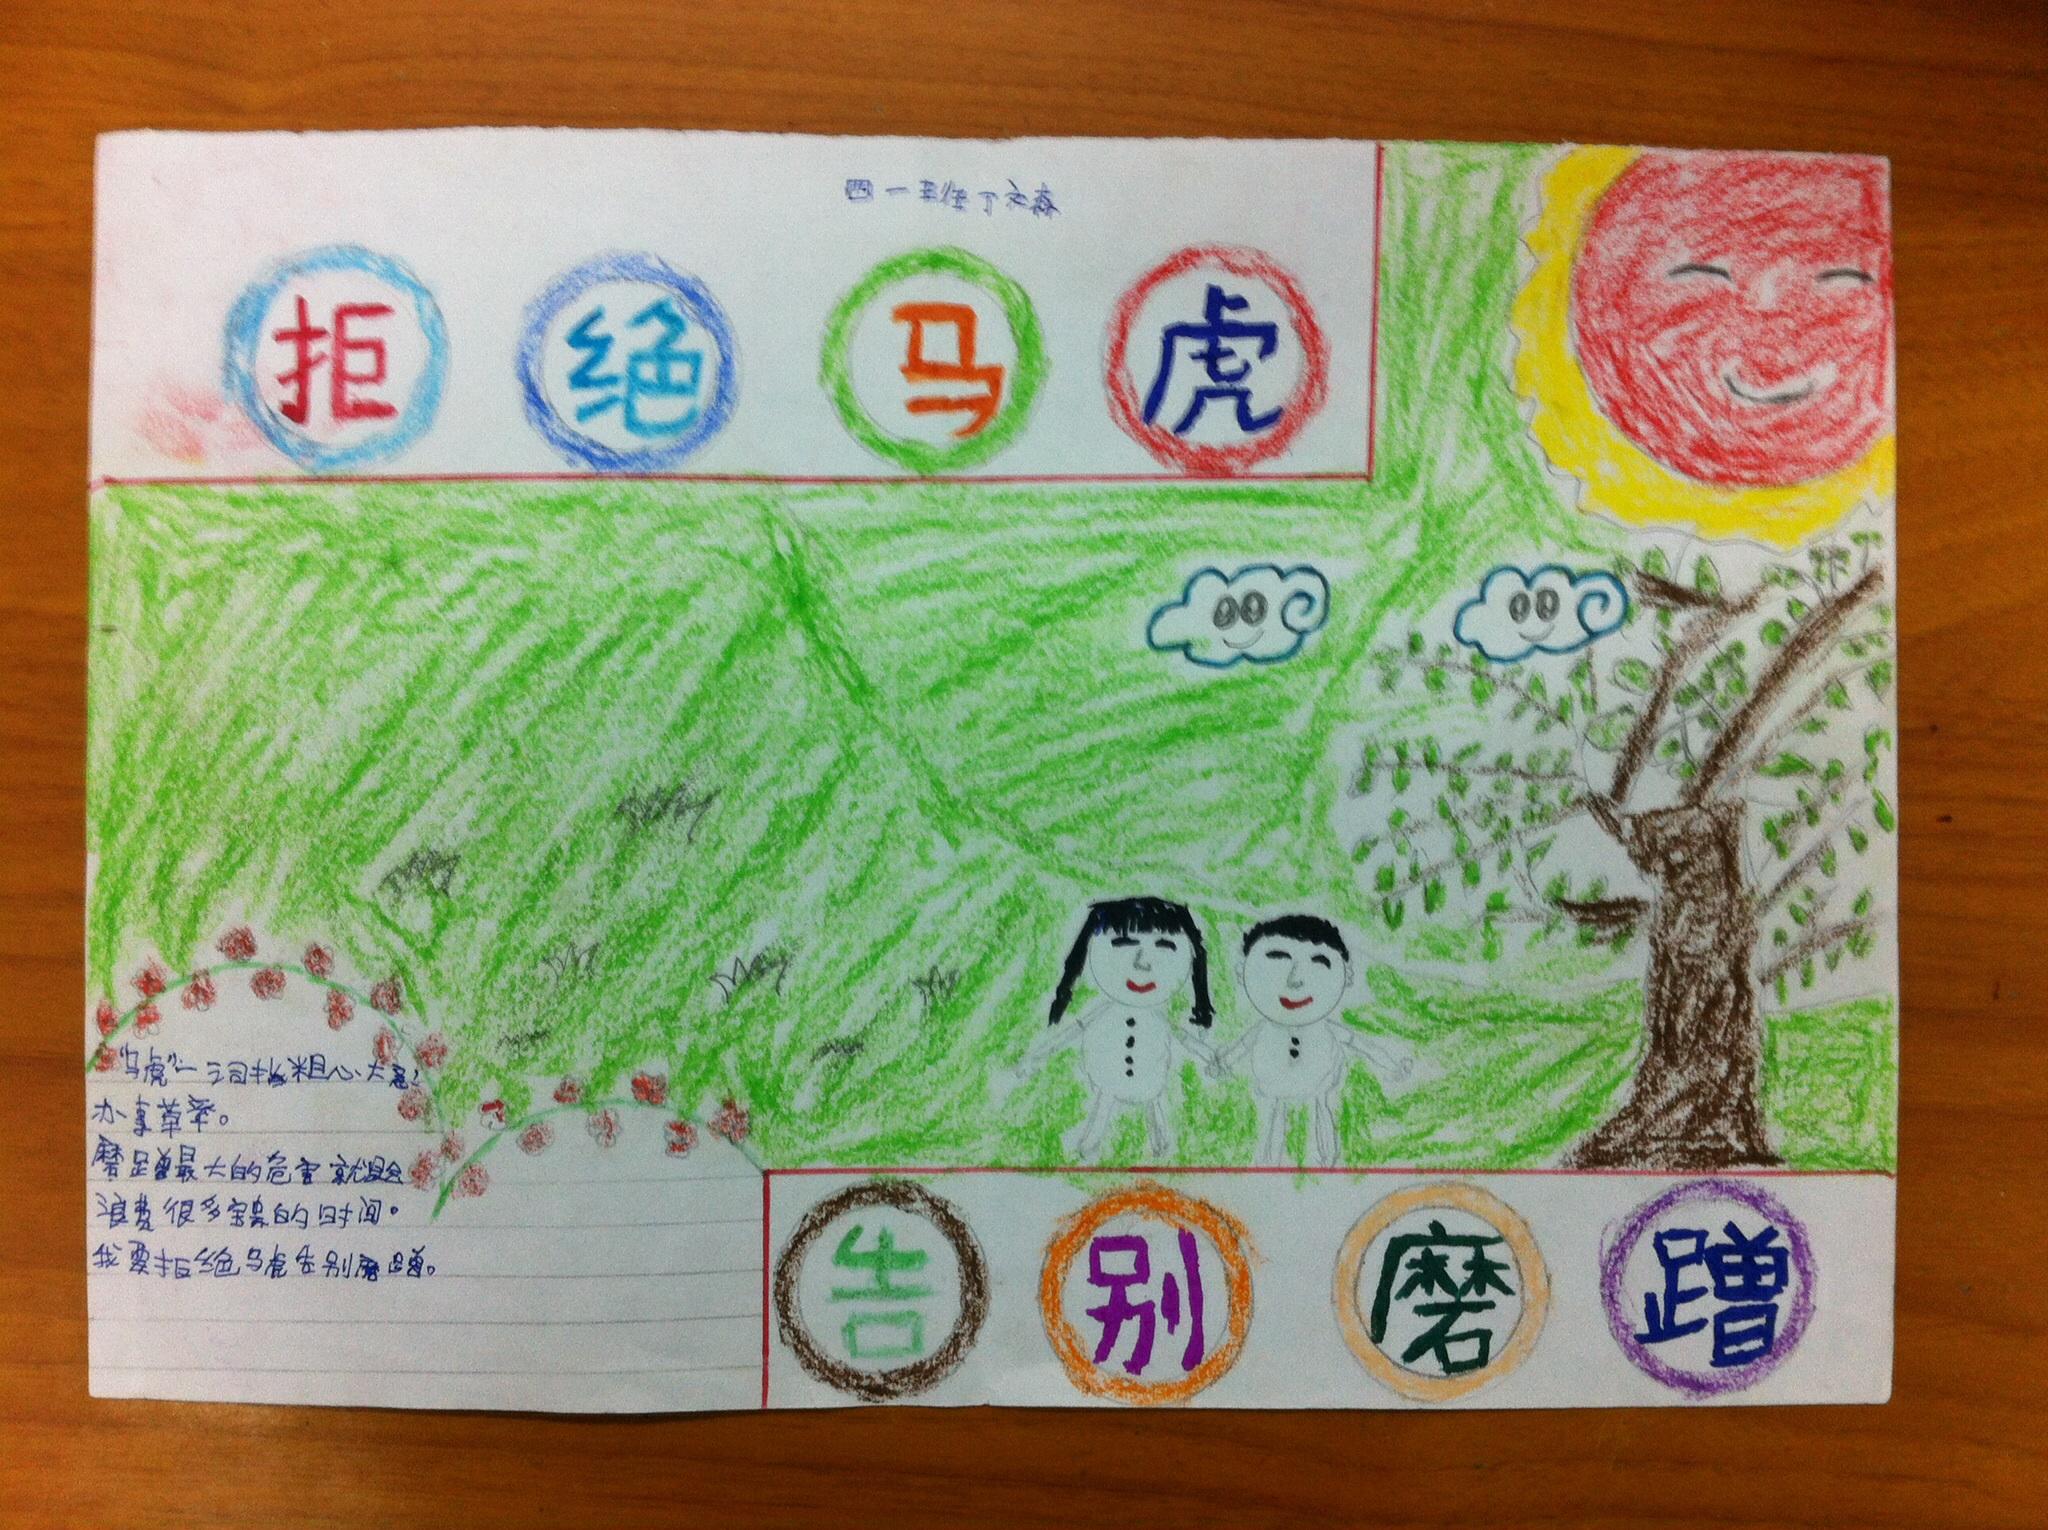 手抄报 - 【最新】2014年春节对联大征集活动 - 活动